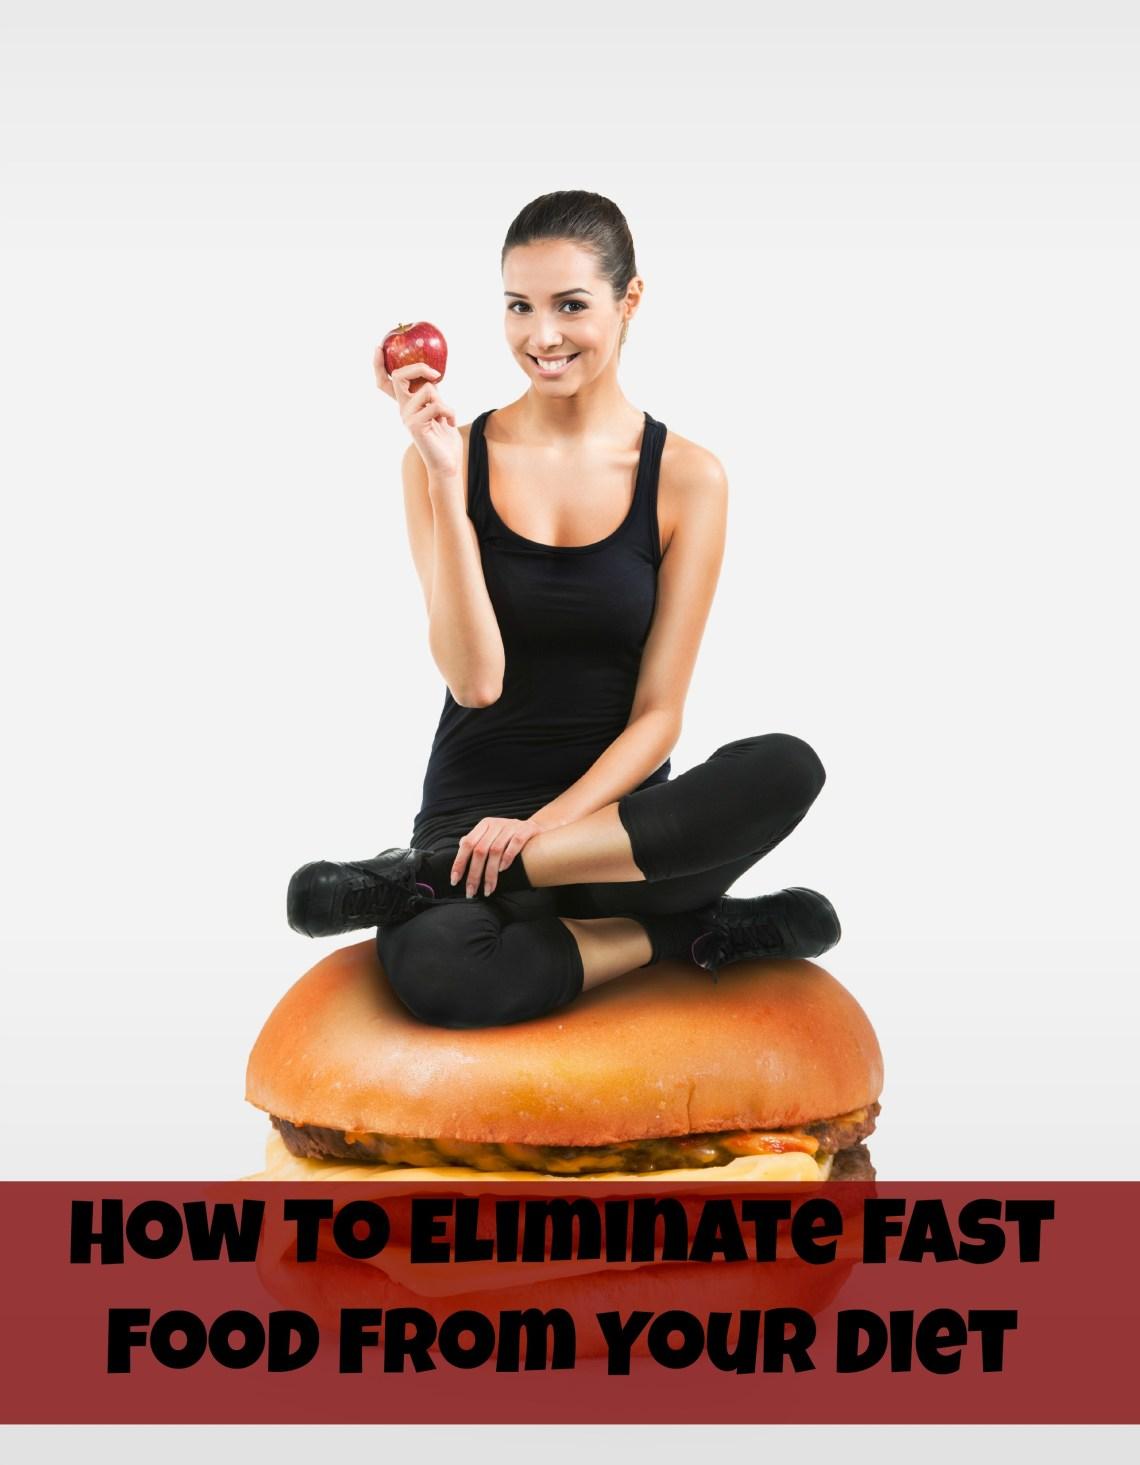 eliminate fast food